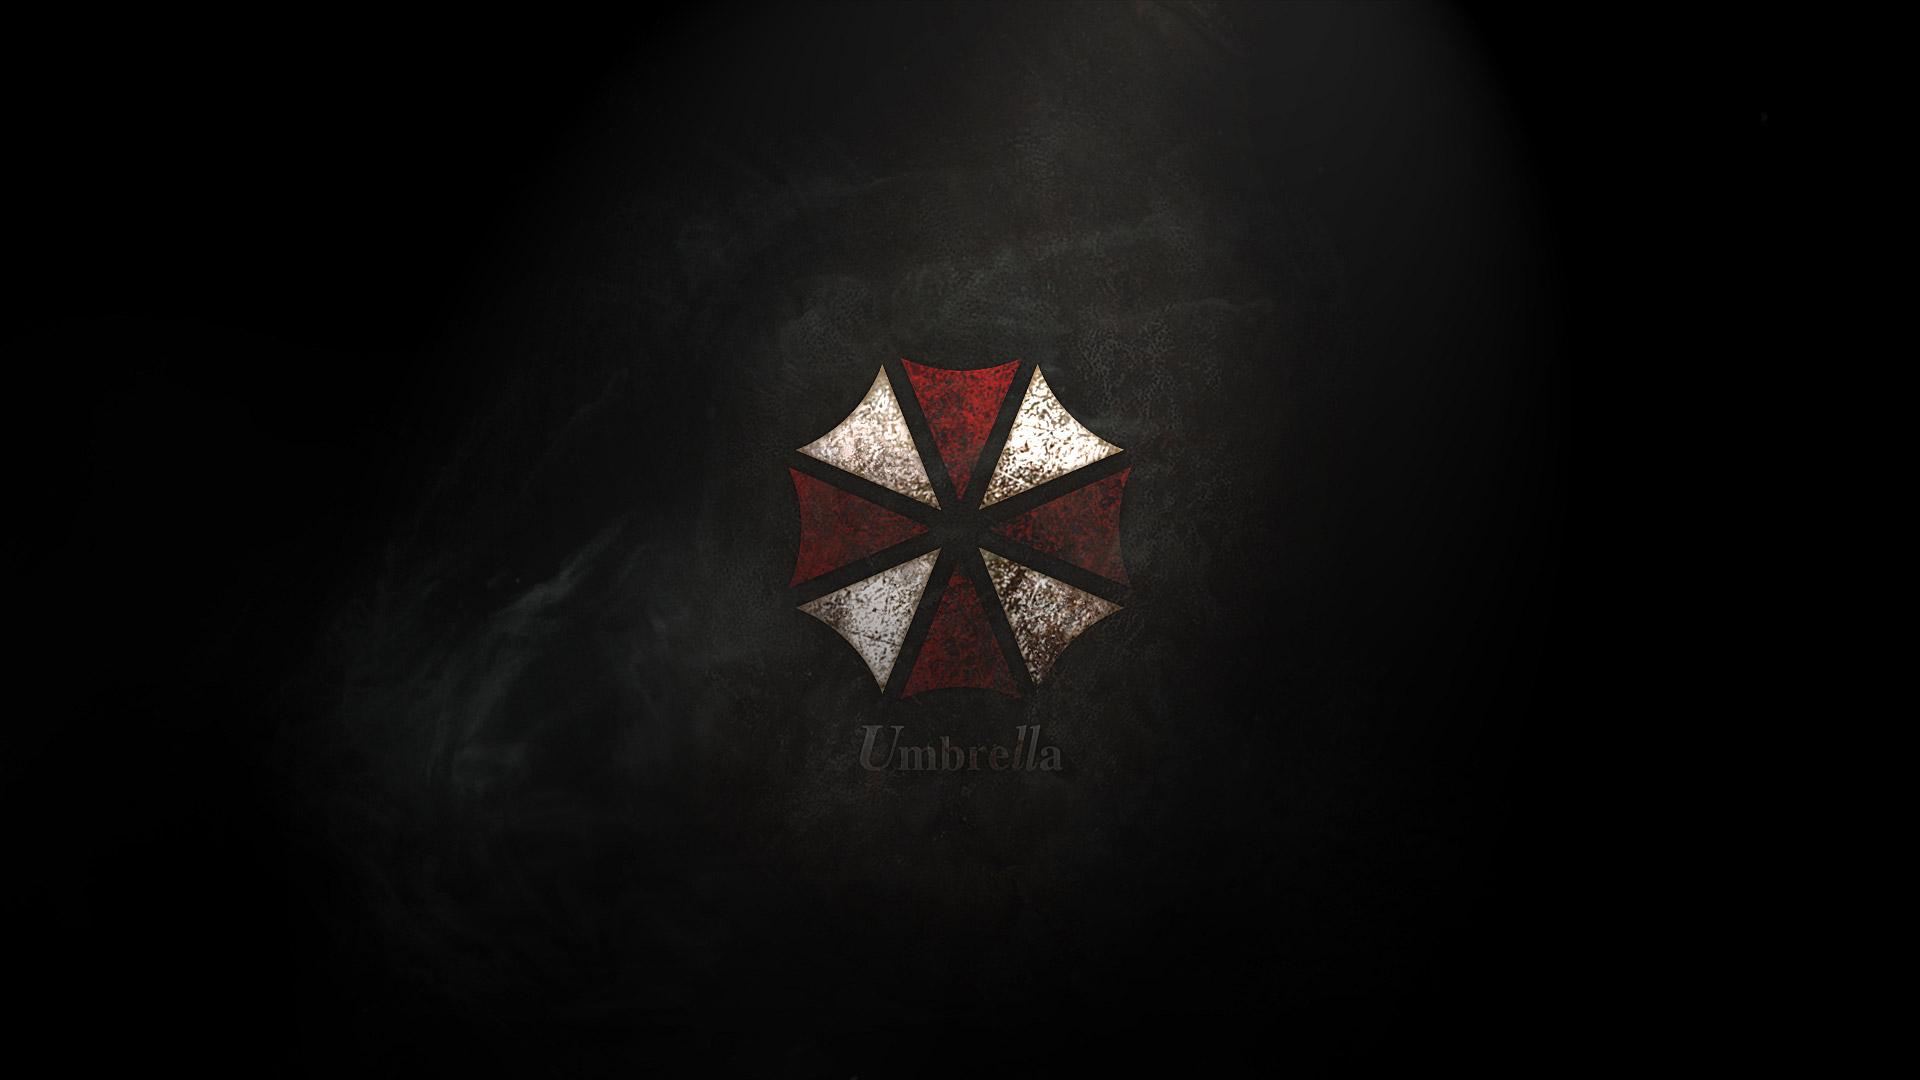 Resident Evil Wallpaper in 1920x1080